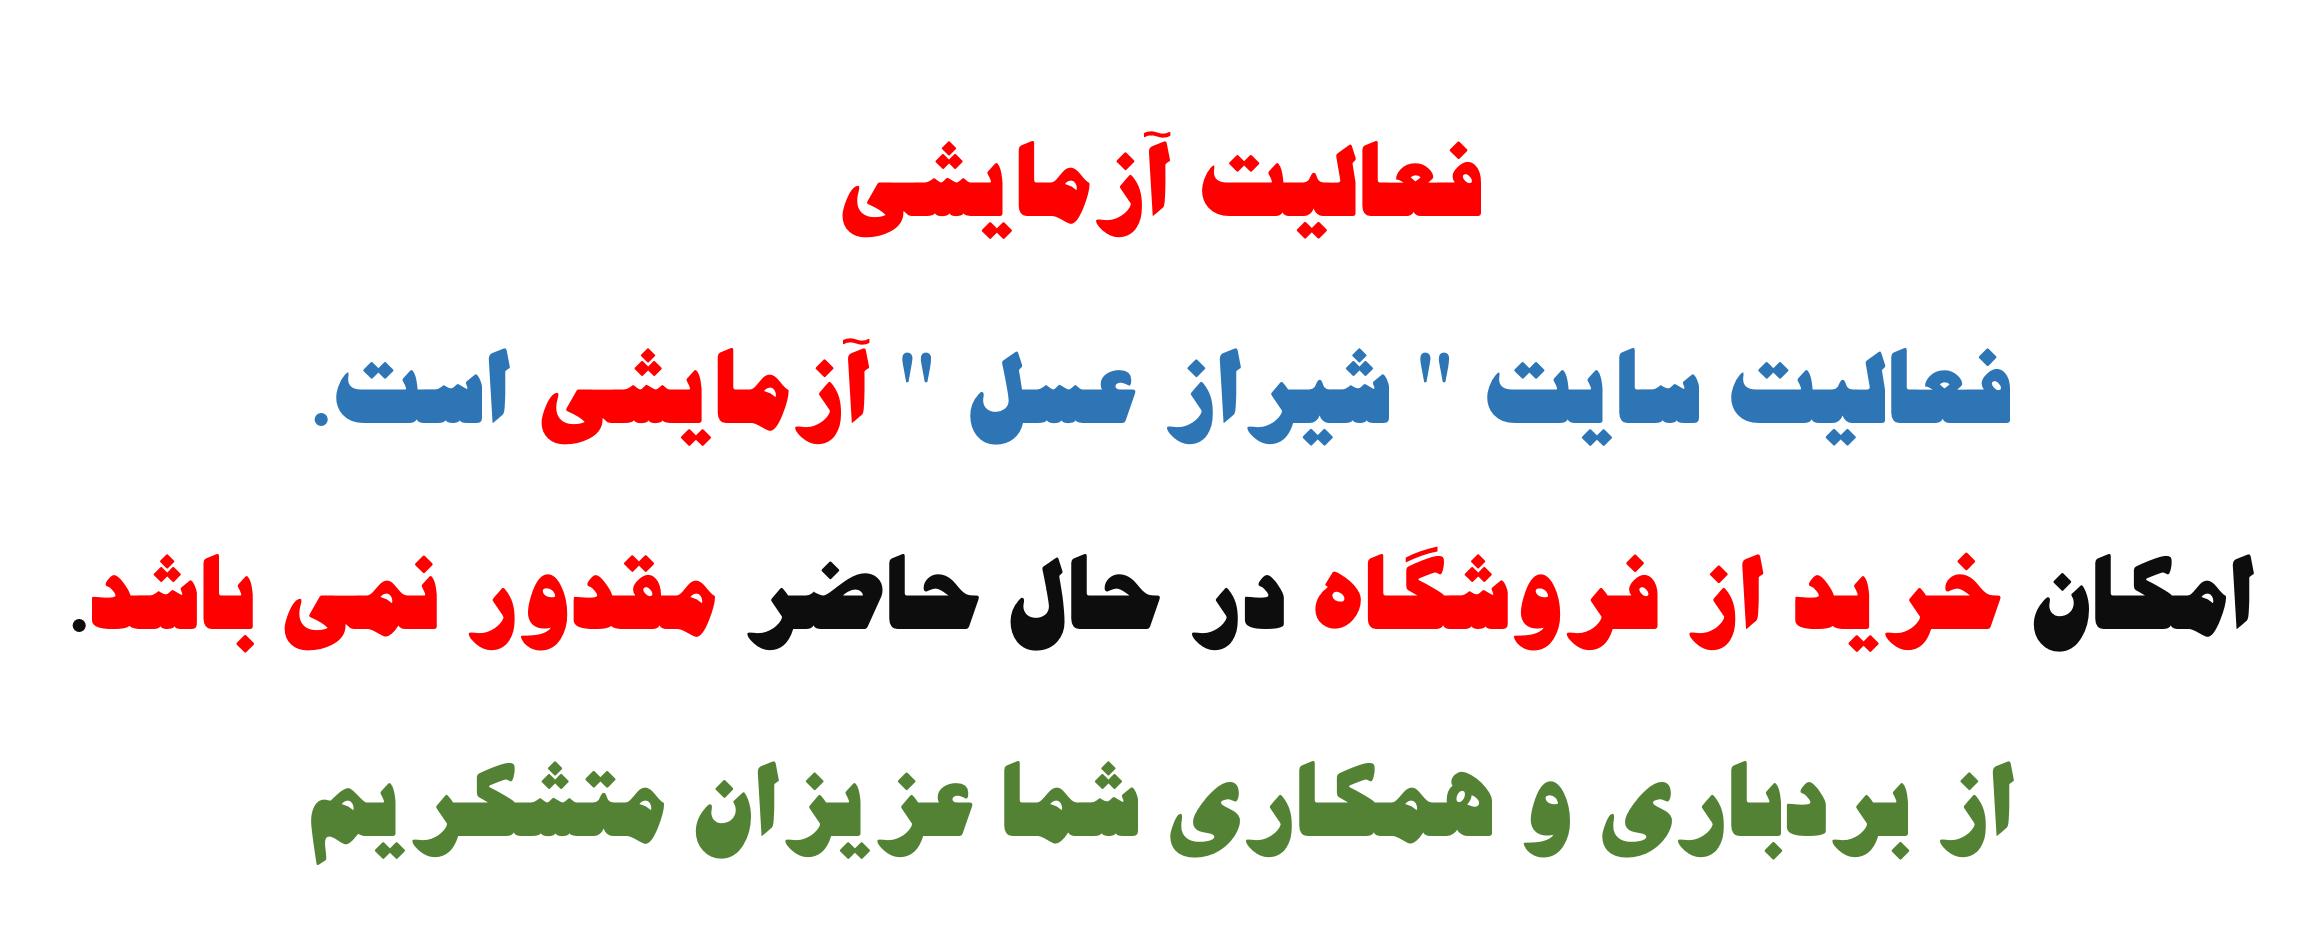 توجه:  فعالیت سایت شیراز عسل فعلا آزمایشی است